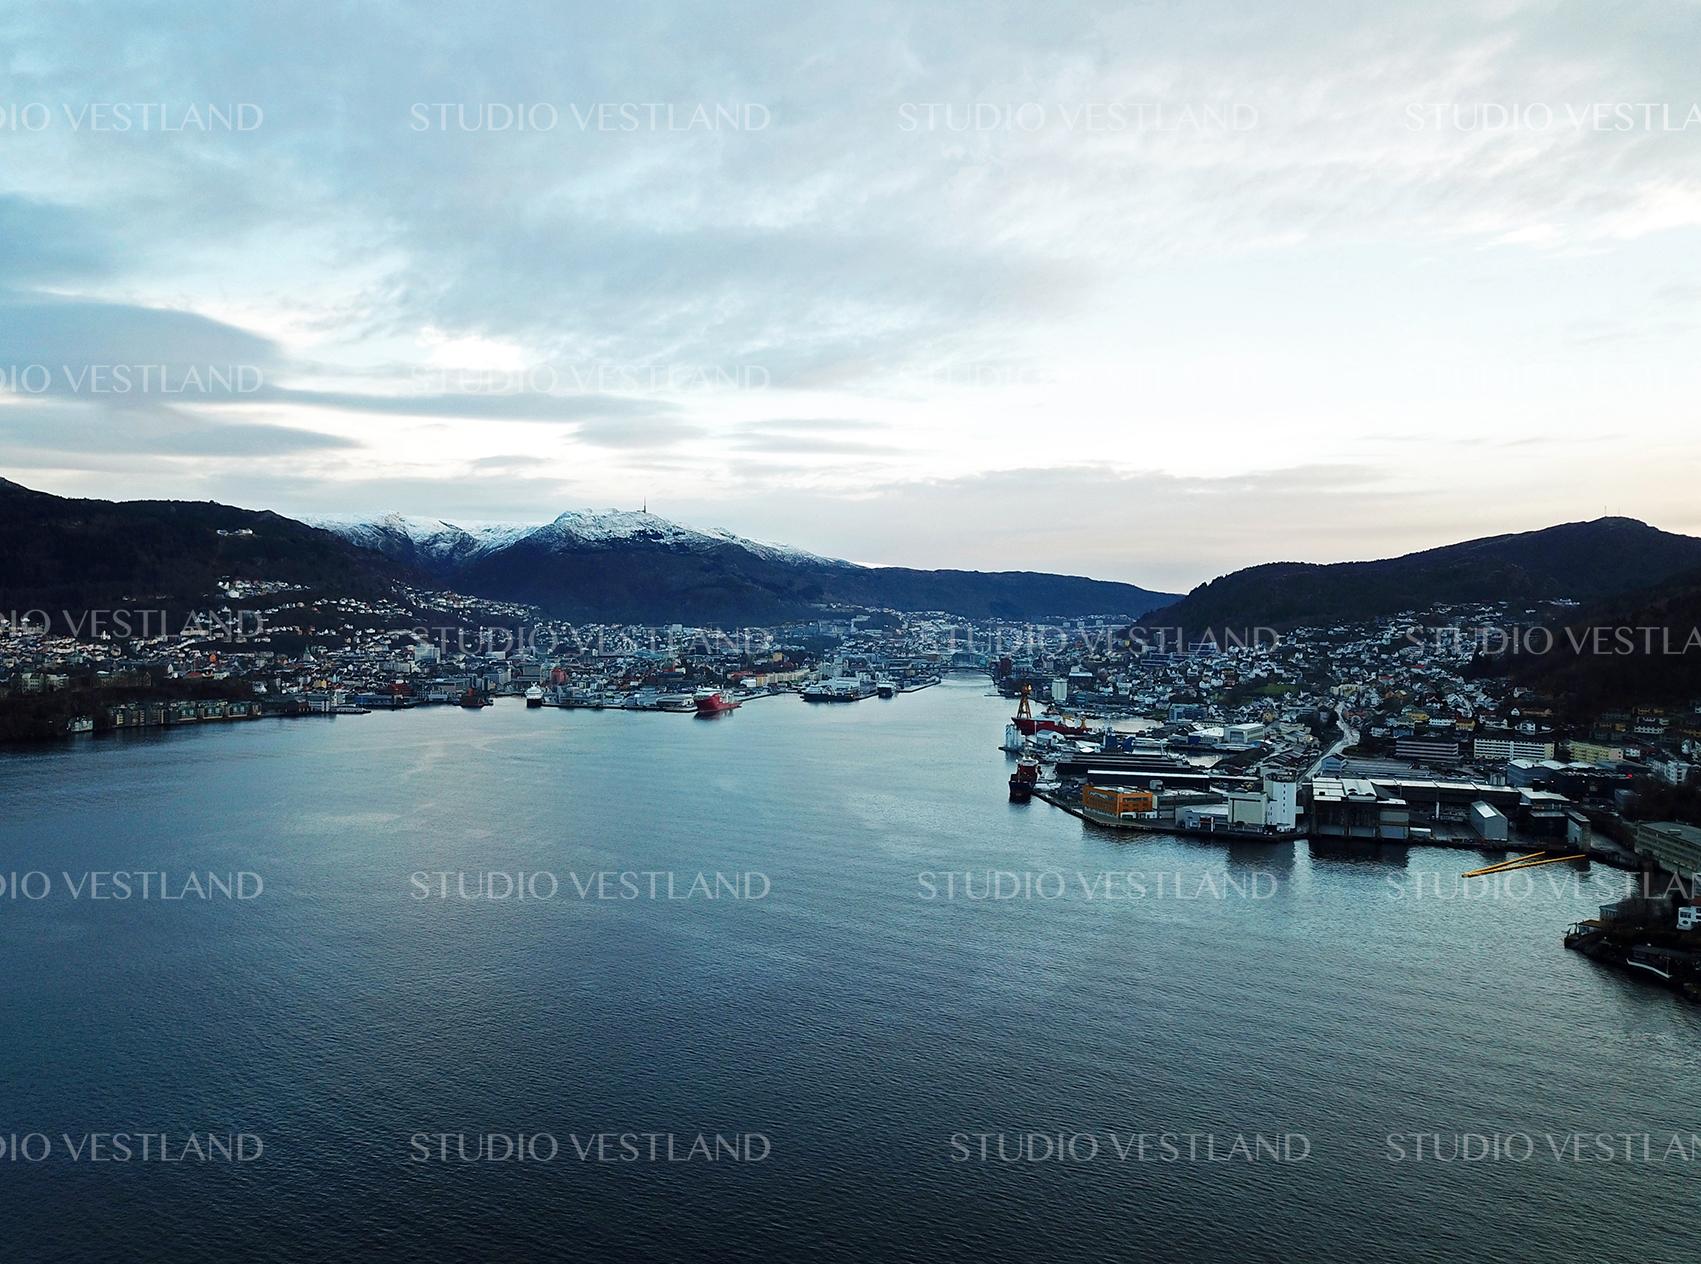 Studio Vestland - Bergen 53